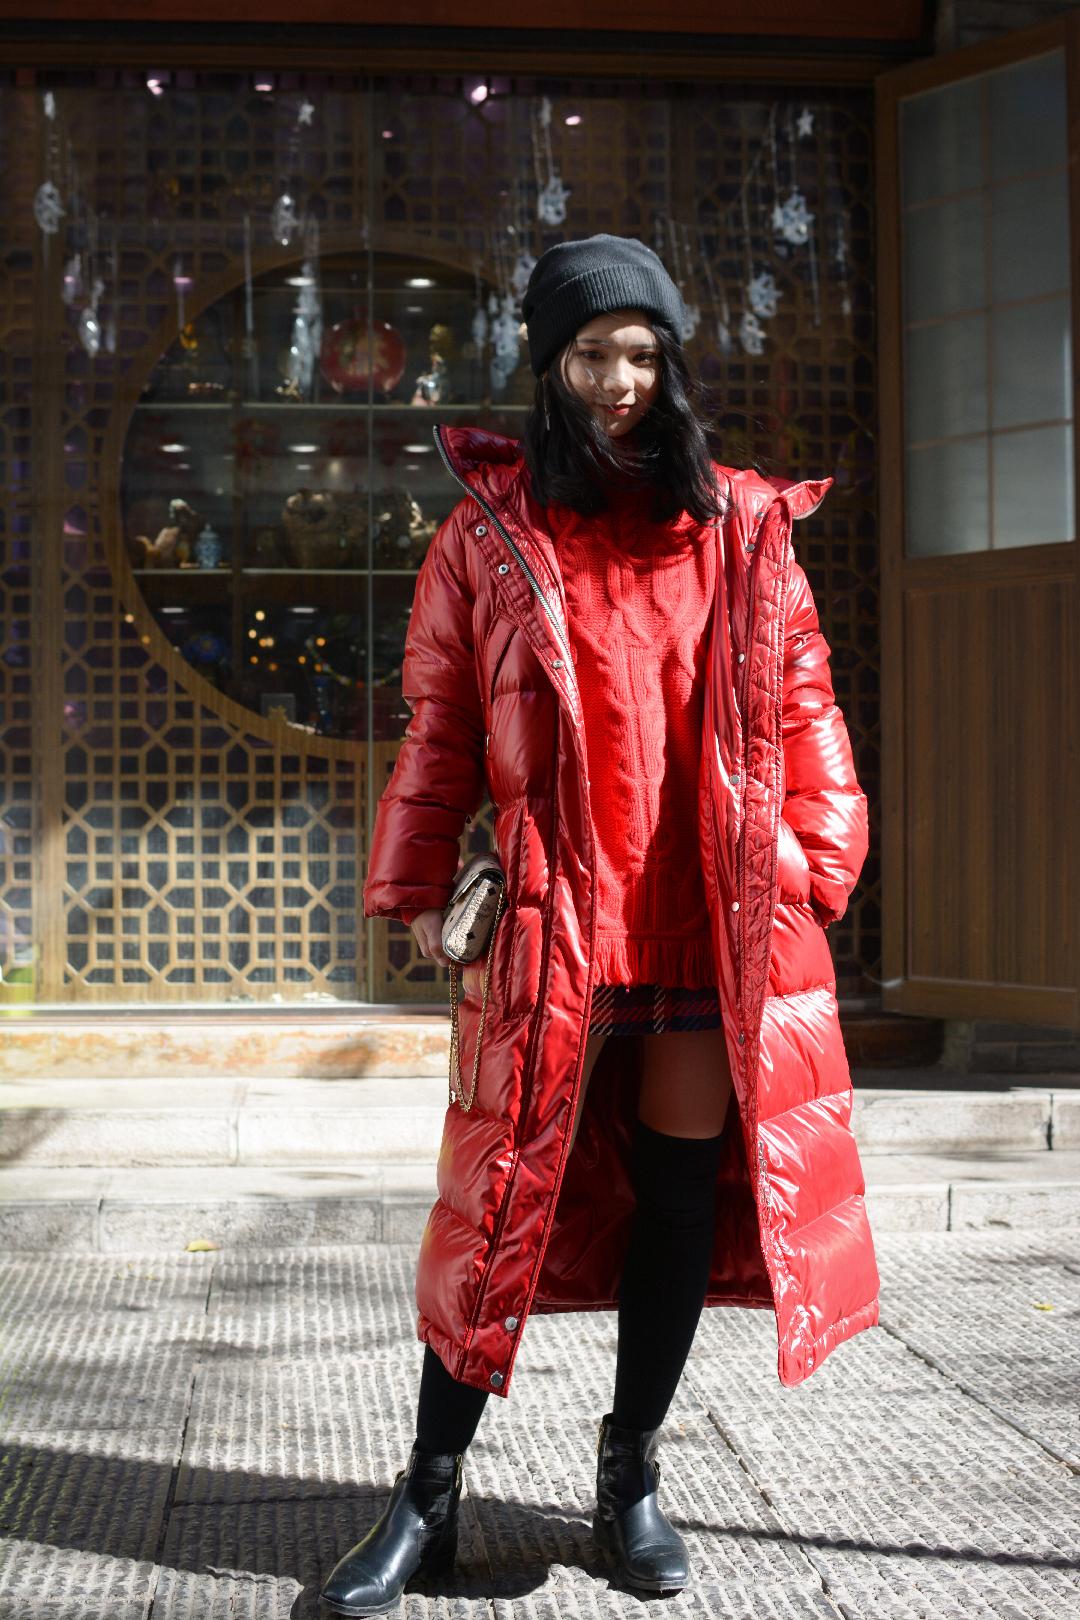 新年红👋🏻羽绒服得这样穿  快过年了新年穿搭一定要准备起来 浮夸的红色羽绒服其实也没有那么难驾驭 同色系的毛衣搭配格纹的半身裙 (半身裙是红色白色蓝色三种颜色) 这样的颜色搭配没有那么老气 很显气质 搭配过膝靴或者高筒袜 不加外套也是一个初春的潮流搭配 这样的搭配有一点杨幂的风格哈哈哈 外面的红色羽绒服是亮面的 非常酷炫  #中年少女的暖到脚后跟长外套#